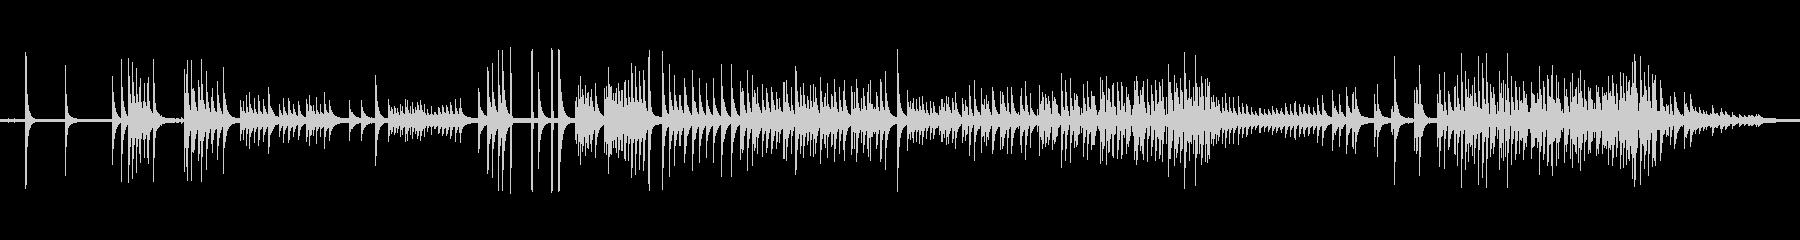 パーカッション、トークドラム; D...の未再生の波形